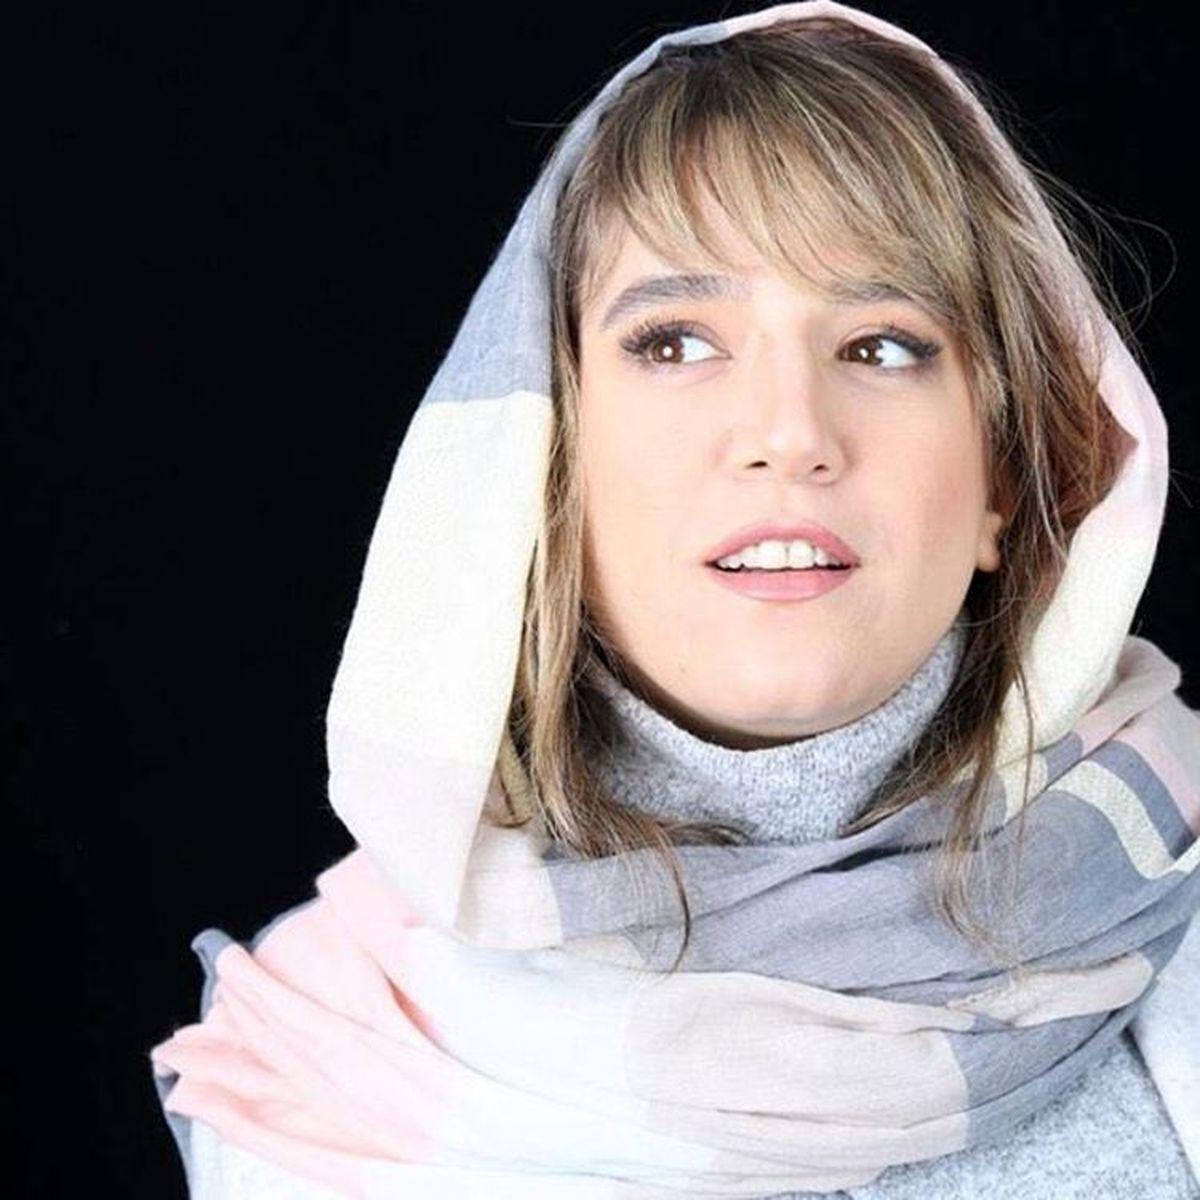 سلفی خاص ستاره پسیانی و امیر جعفری  + عکس